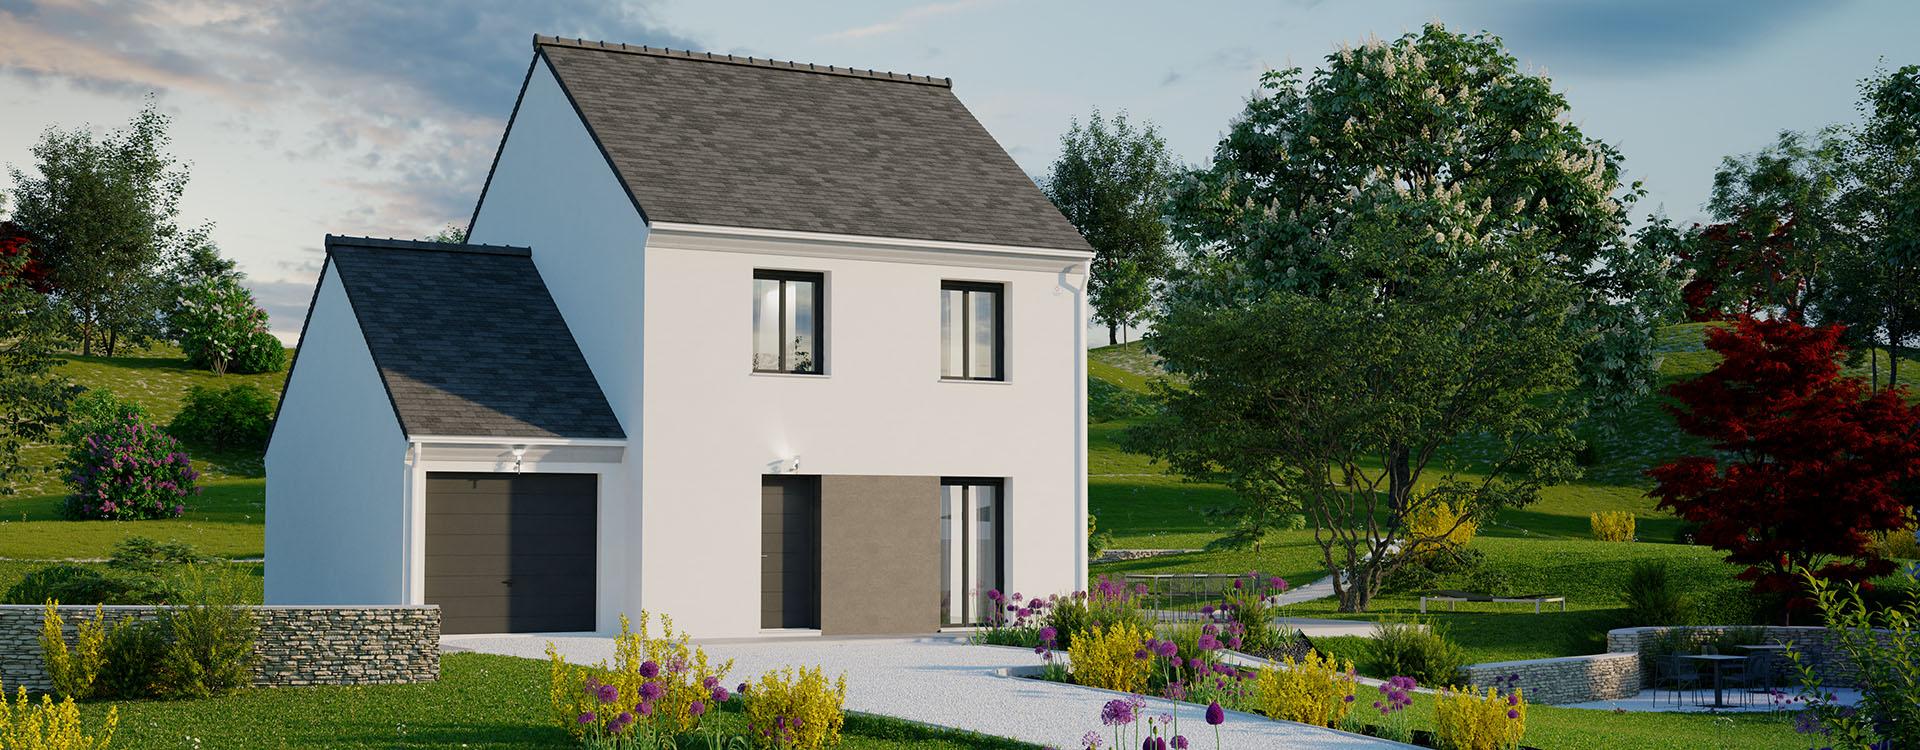 Maisons du constructeur MAISONS PIERRE MONTEVRAIN • 91 m² • LAGNY SUR MARNE